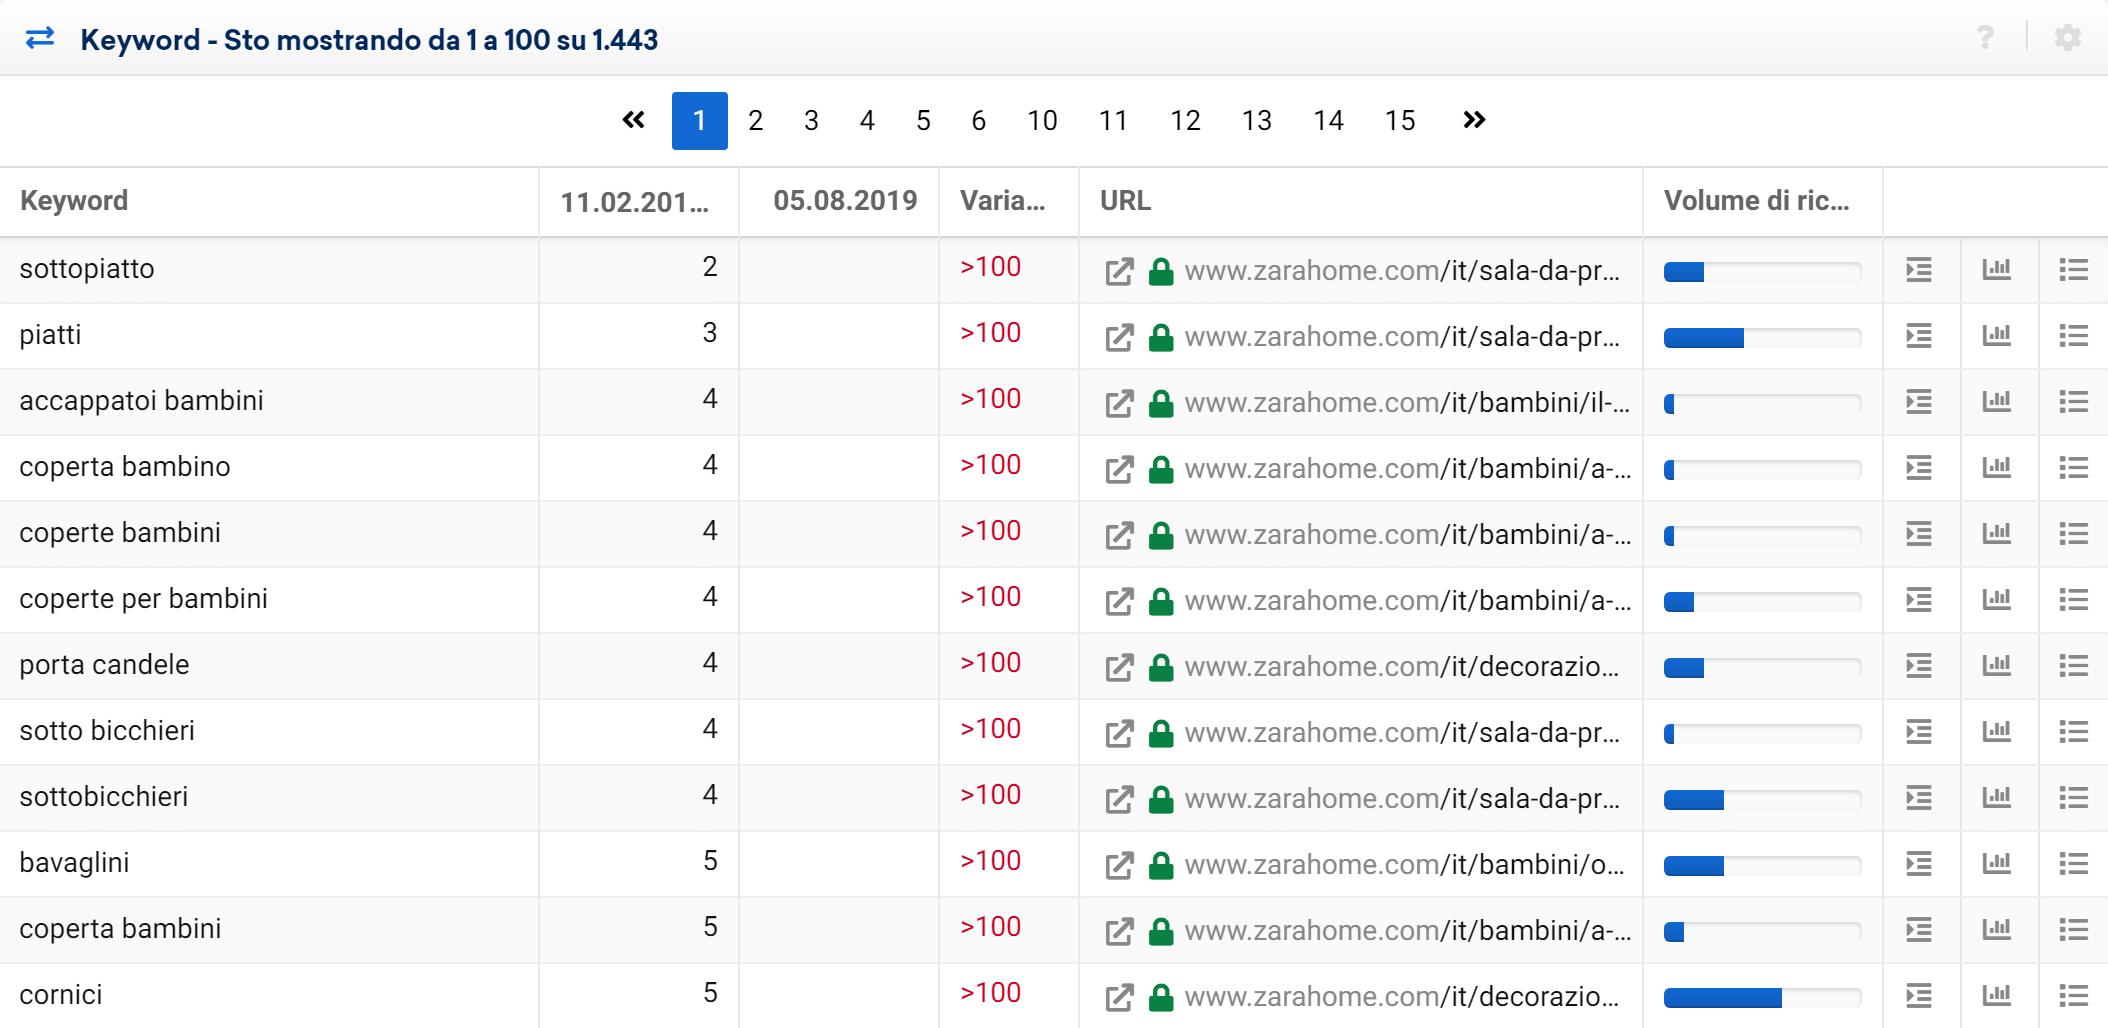 Toolbox SISTRIX: keyword perse di zarahome.com nelle due date prese in considerazione